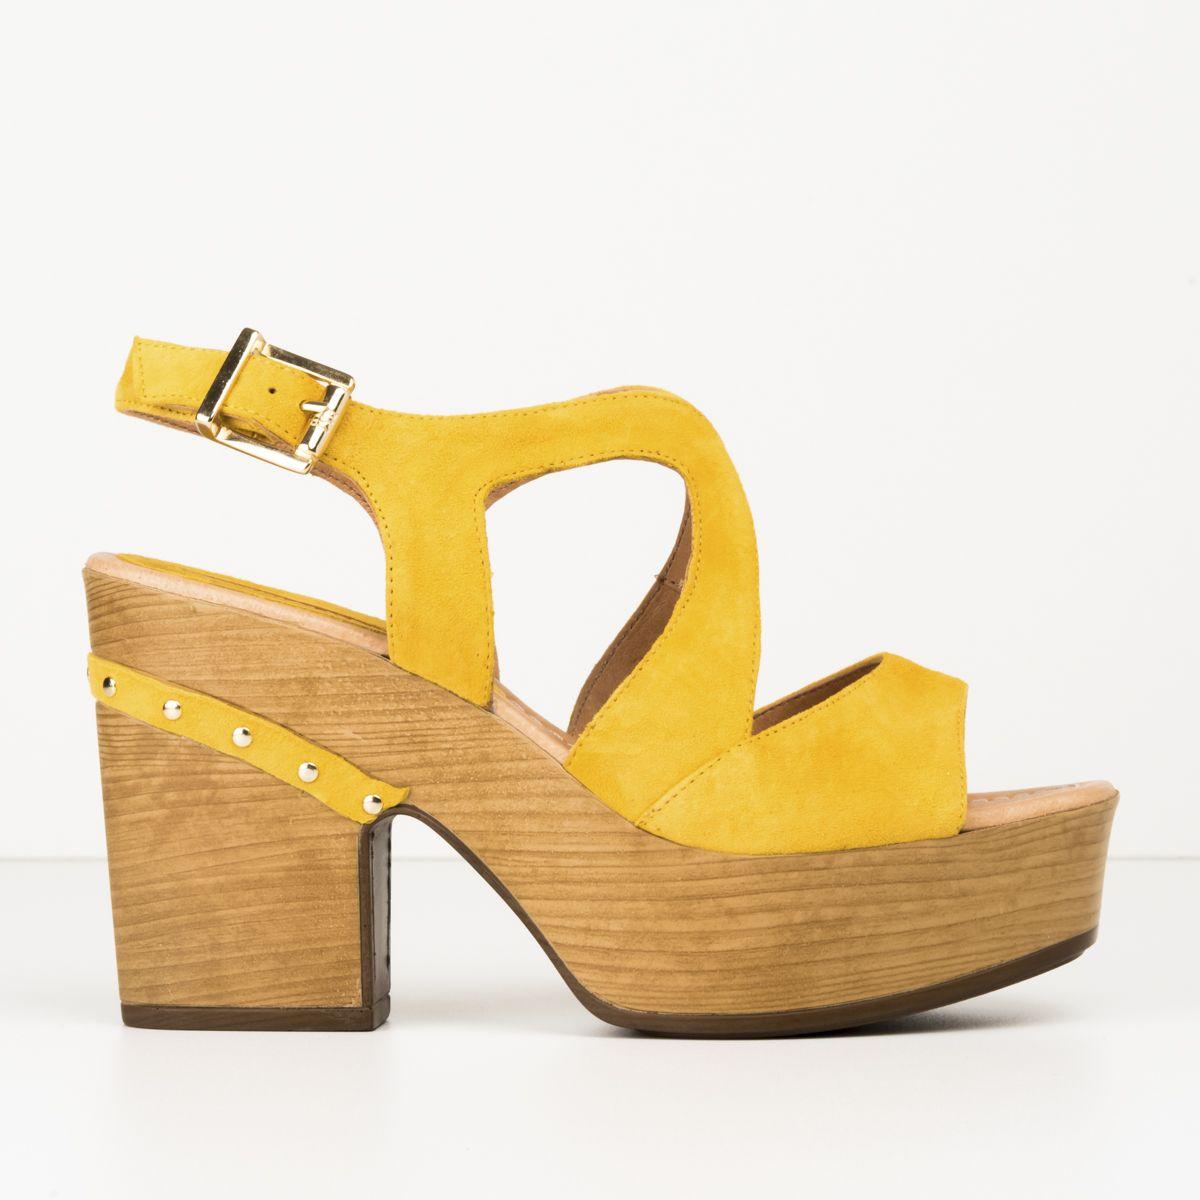 Botas de avestruz color gris ropa bolsas y calzado en mercadolibre - Pedro Miralles S L Empresa Espa Ola Dedicada A La Fabricacion De Calzado Con Proyeccion En El Mercado Internacional